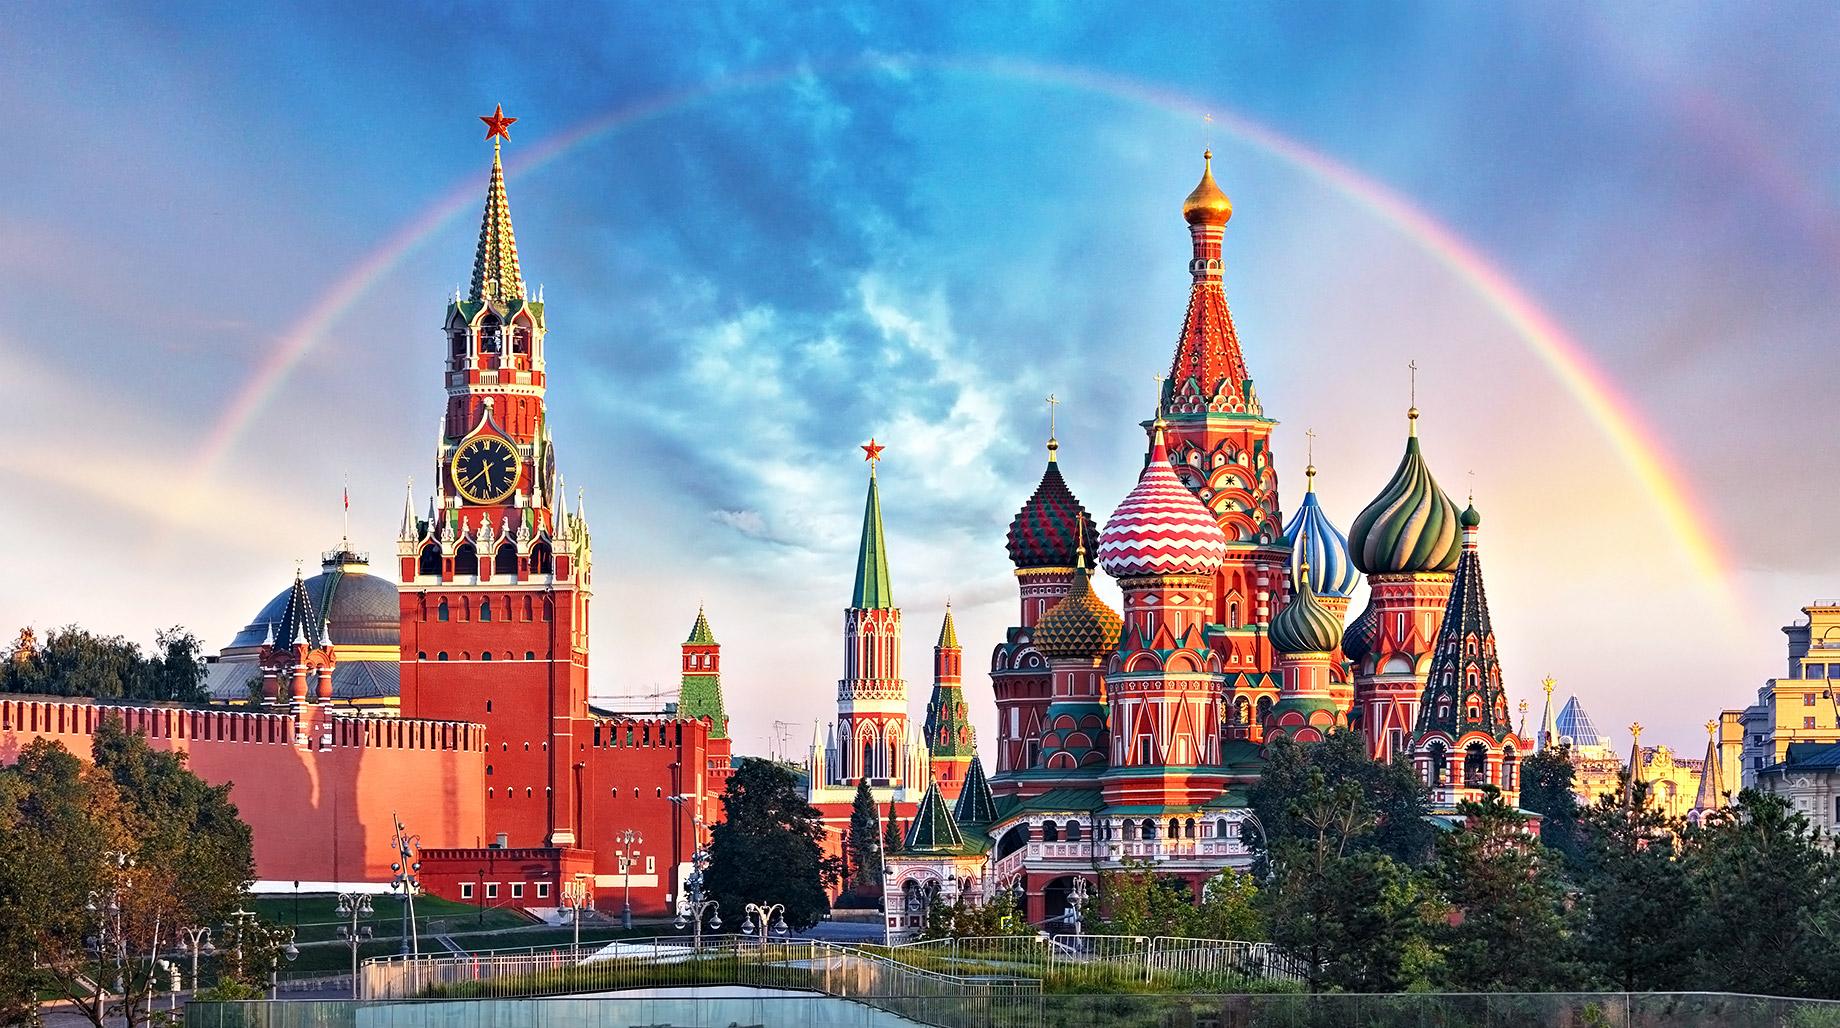 Place Rouge - Kremlin de Moscou et cathédrale Saint-Basile - Moscou, Russie - Top 10 des destinations de voyage de luxe dans le monde